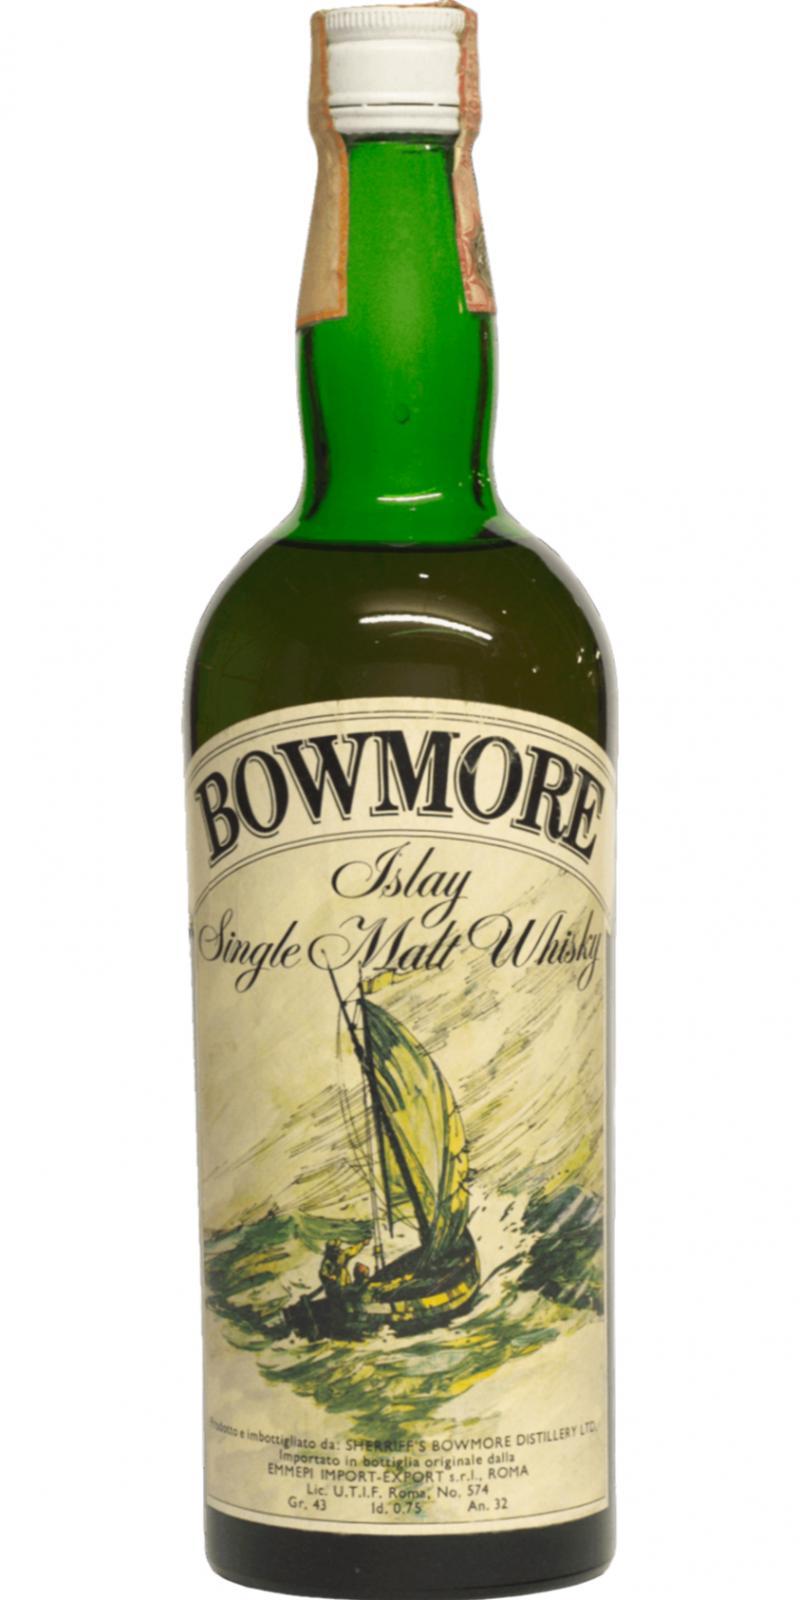 Bowmore 07-year-old Sherriff's